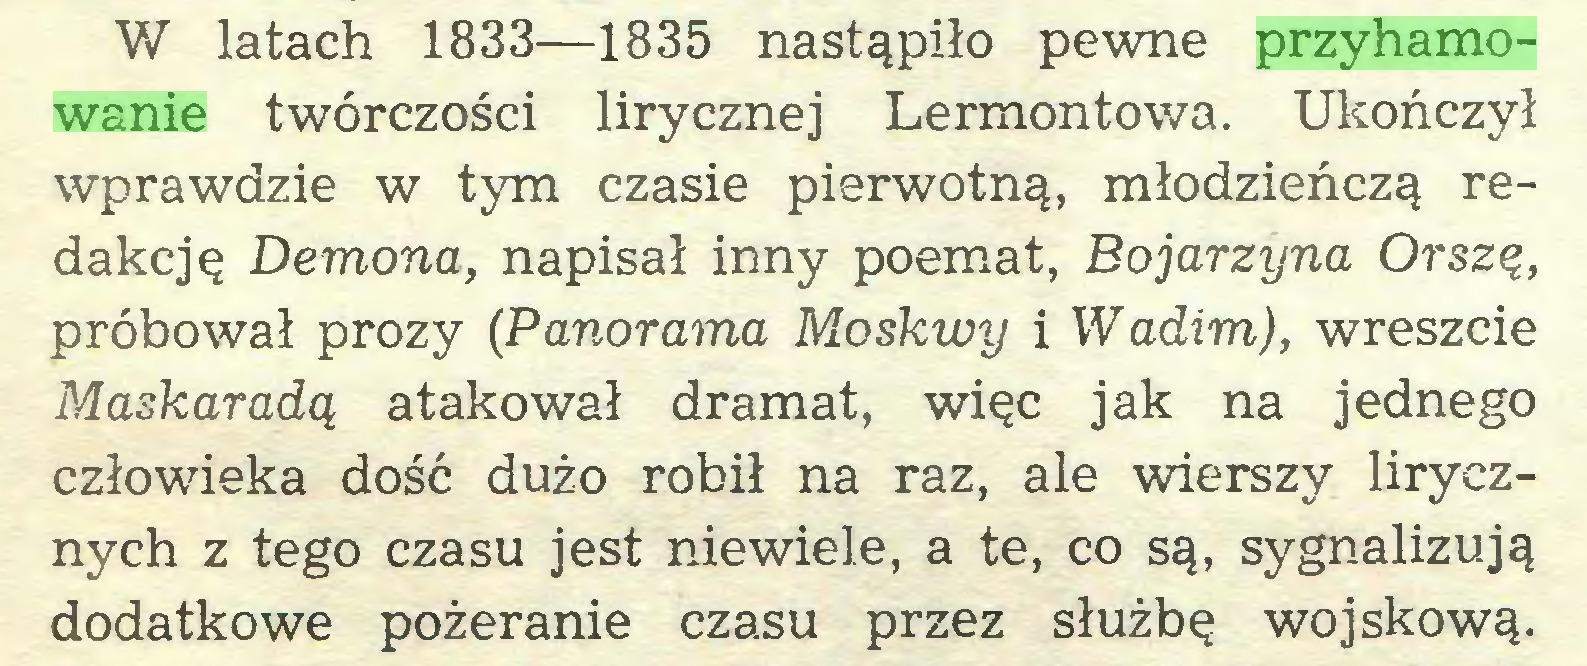 (...) W latach 1833—1835 nastąpiło pewne przyhamowanie twórczości lirycznej Lermontowa. Ukończył wprawdzie w tym czasie pierwotną, młodzieńczą redakcję Demona, napisał inny poemat, Bojarzyna Orszę, próbował prozy (Panorama Moskwy i Wadim), wreszcie Maskaradą atakował dramat, więc jak na jednego człowieka dość dużo robił na raz, ale wierszy lirycznych z tego czasu jest niewiele, a te, co są, sygnalizują dodatkowe pożeranie czasu przez służbę wojskową...